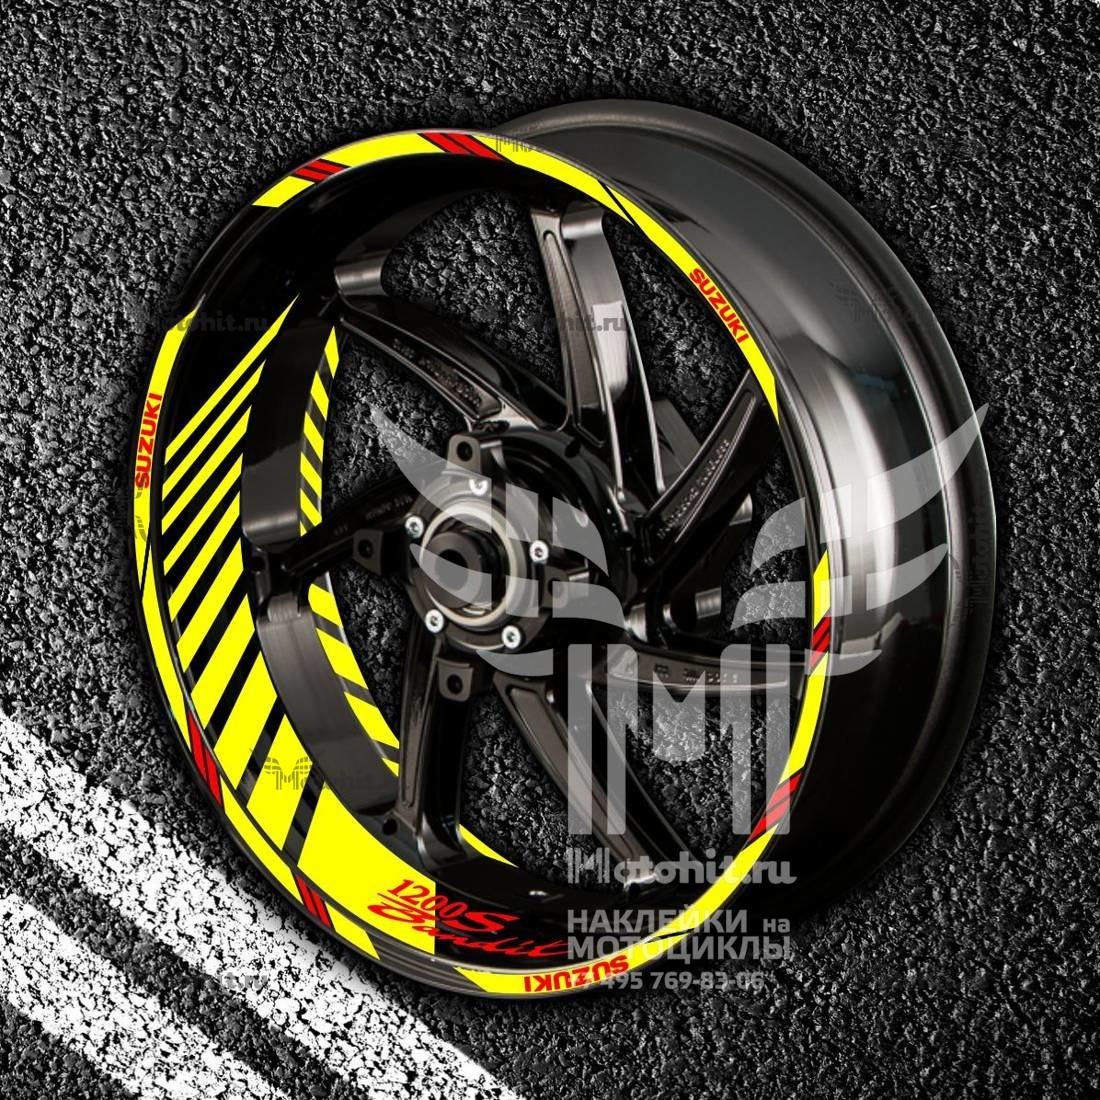 Комплект наклеек с полосами на колеса мотоцикла SUZUKI 1200-S-BANDIT